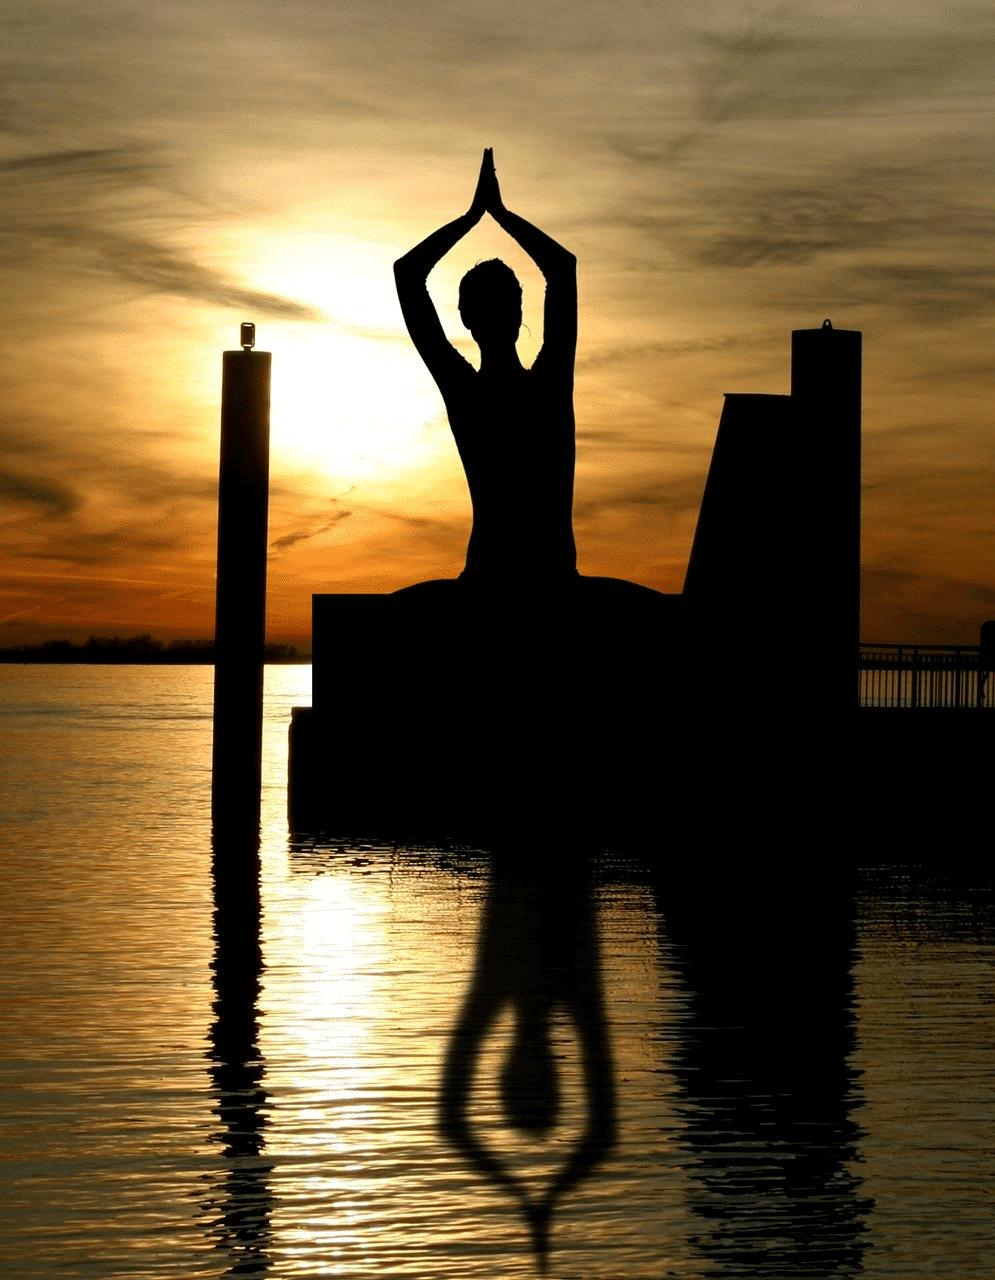 silhouette Frau yoga übung am Wasser vor Sonnenuntergang schatten